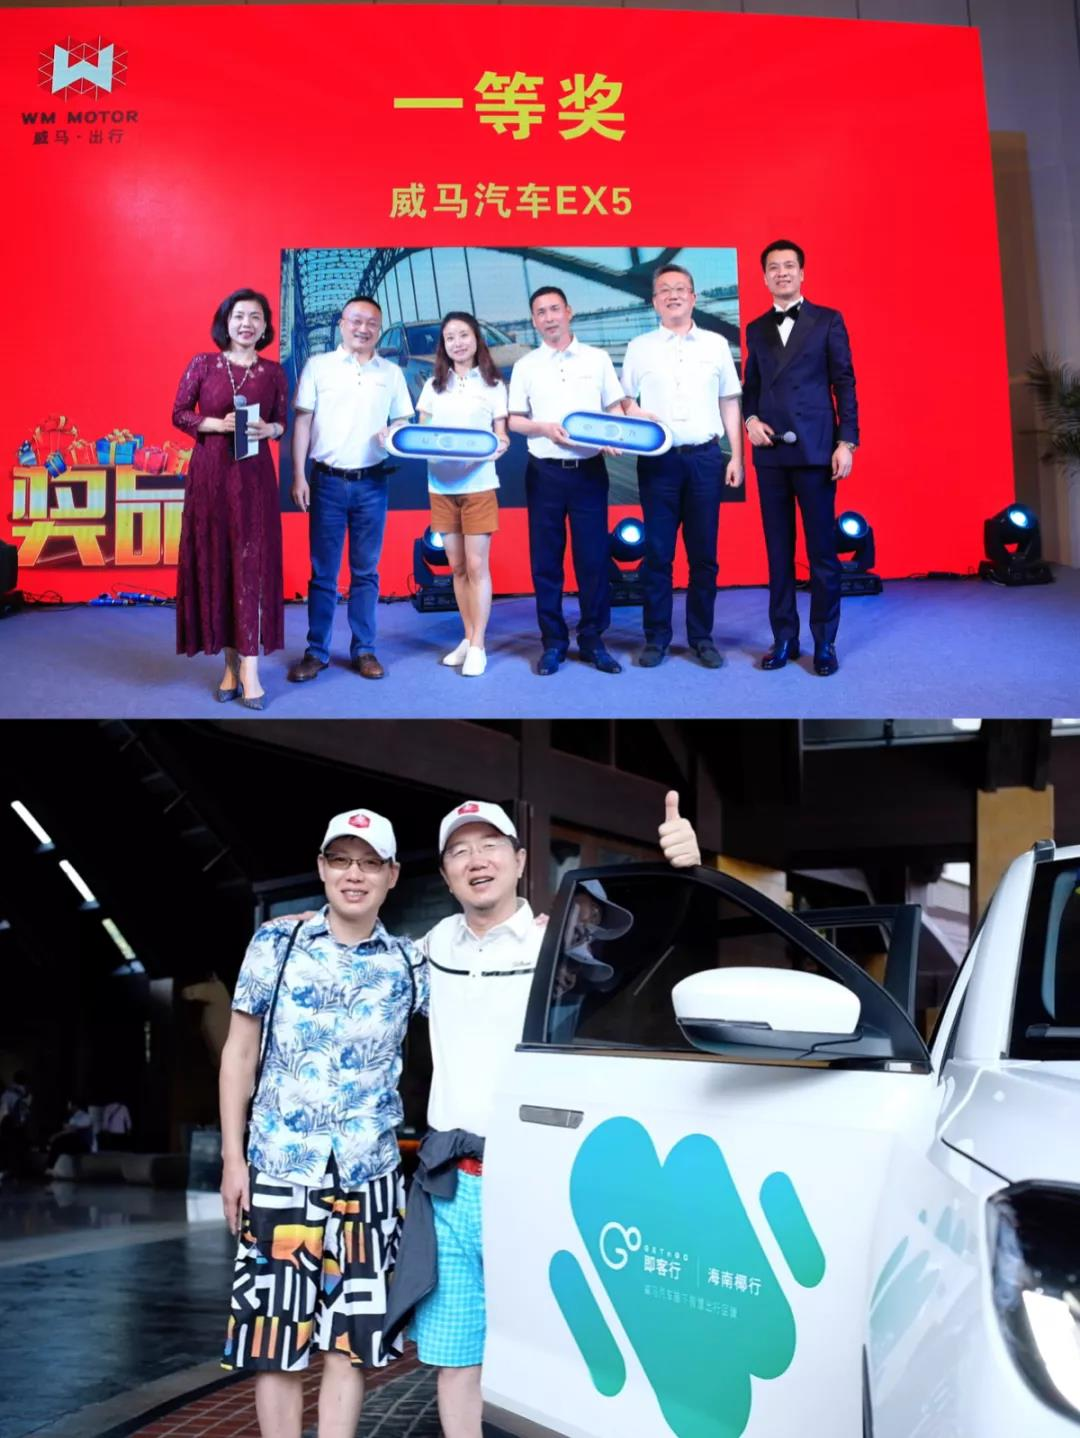 东莞新势力流量王_A股'牛味渐浓',新势力造车的'牛市'来了吗? - 行业新闻 ...